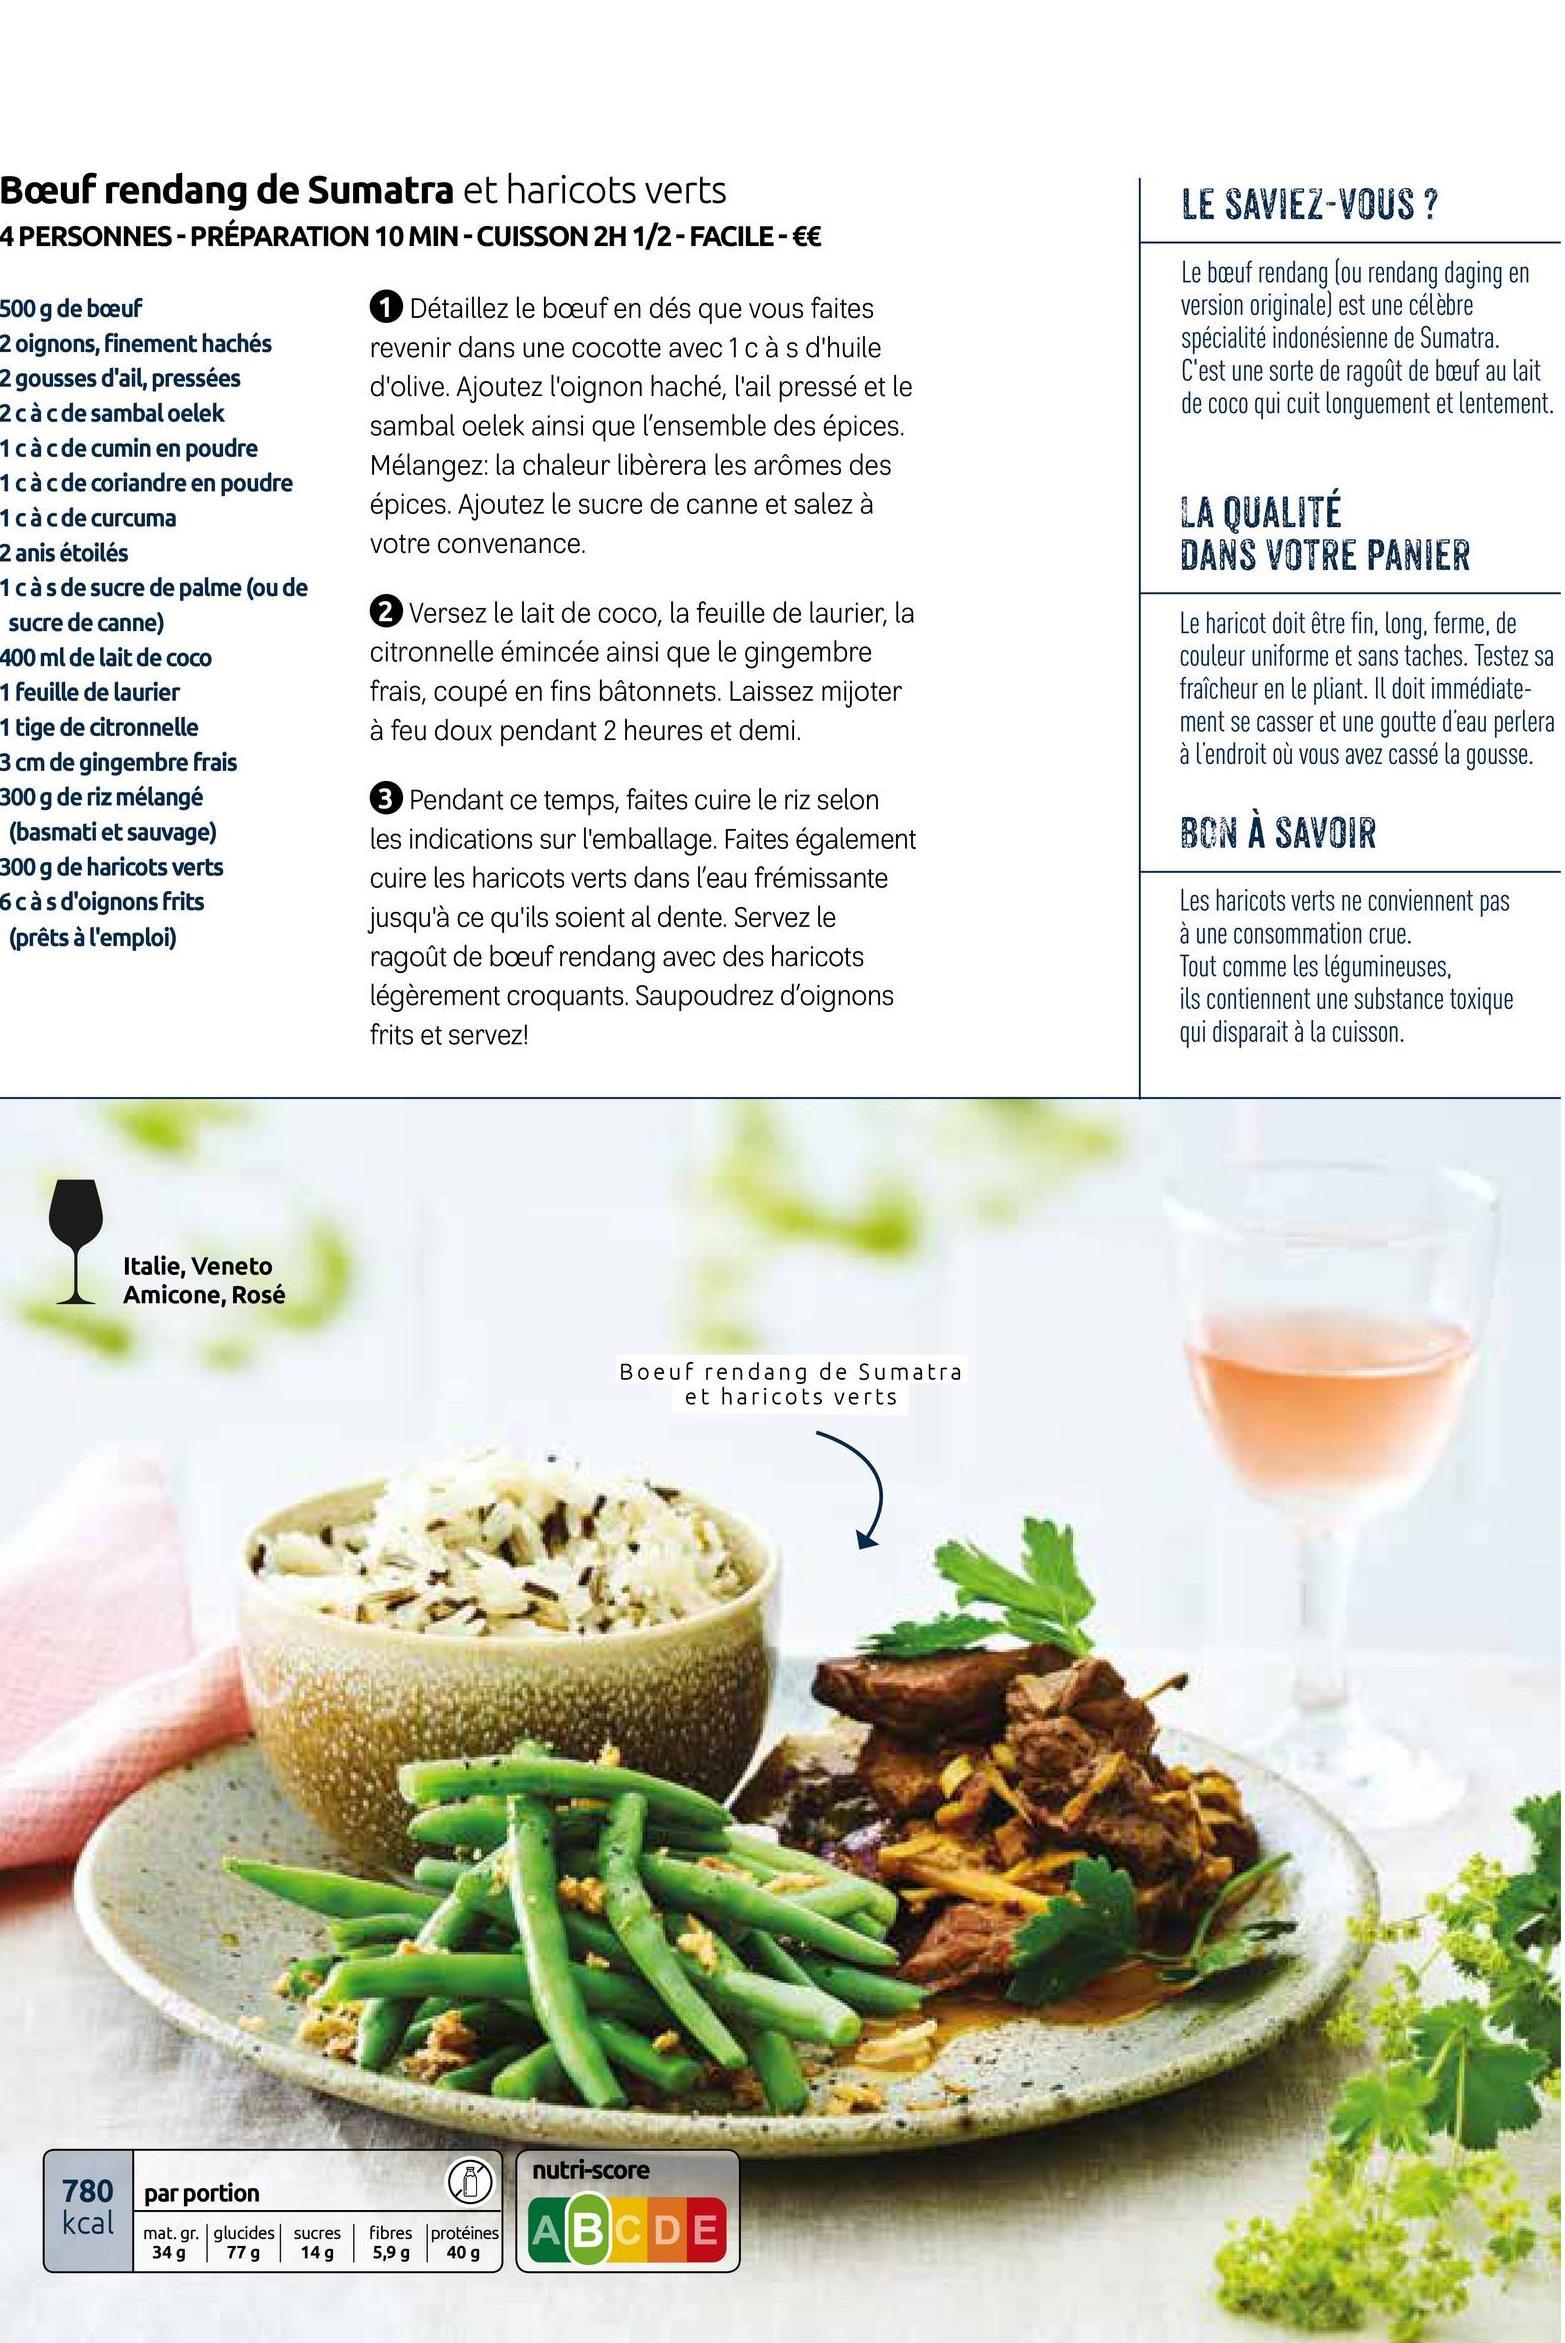 Boeuf rendang de Sumatra et haricots verts 4 PERSONNES - PRÉPARATION 10 MIN-CUISSON 2H 1/2- FACILE- €€ LE SAVIEZ-VOUS ? Le bæuf rendang (ou rendang daging en version originale) est une célèbre spécialité indonésienne de Sumatra. C'est une sorte de ragoût de beuf au lait de coco qui cuit longuement et lentement. 1 Détaillez le boeuf en dés que vous faites revenir dans une cocotte avec 1 c à s d'huile d'olive. Ajoutez l'oignon haché, l'ail pressé et le sambal oelek ainsi que l'ensemble des épices. Mélangez: la chaleur libèrera les arômes des épices. Ajoutez le sucre de canne et salez à votre convenance. LA QUALITÉ DANS VOTRE PANIER 500 g de boeuf 2 oignons, finement hachés 2 gousses d'ail, pressées 2 các de sambal oelek 1cà cde Cumin en Poudre 1 cac de coriandre en poudre 1 cac de curcuma 2 anis étoilés 1 càs de sucre de palme (ou de sucre de canne) 400 ml de lait de coco 1 feuille de laurier 1 tige de citronnelle 3 cm de gingembre frais 300 g de riz mélangé (basmati et sauvage) 300 g de haricots verts càs d'oignons frits (prêts à l'emploi) 2 Versez le lait de coco, la feuille de laurier, la citronnelle émincée ainsi que le gingembre frais, coupé en fins bâtonnets. Laissez mijoter à feu doux pendant 2 heures et demi. Le haricot doit être fin, long, ferme, de couleur uniforme et sans taches. Testez sa fraîcheur en le pliant. Il doit immédiate- ment se casser et une goutte d'eau perlera à l'endroit où vous avez cassé la gousse. BON À SAVOIR 3 Pendant ce temps, faites cuire le riz selon les indications sur l'emballage. Faites également cuire les haricots verts dans l'eau frémissante jusqu'à ce qu'ils soient al dente. Servez le ragoût de boeuf rendang avec des haricots légèrement croquants. Saupoudrez d'oignons frits et servez! Les haricots verts ne conviennent pas à une consommation crue. Tout comme les légumineuses, ils contiennent une substance toxique qui disparait à la cuisson. Italie, Veneto Amicone, Rosé Boeuf rendang de Sumatra et haricots verts nutri-score par po